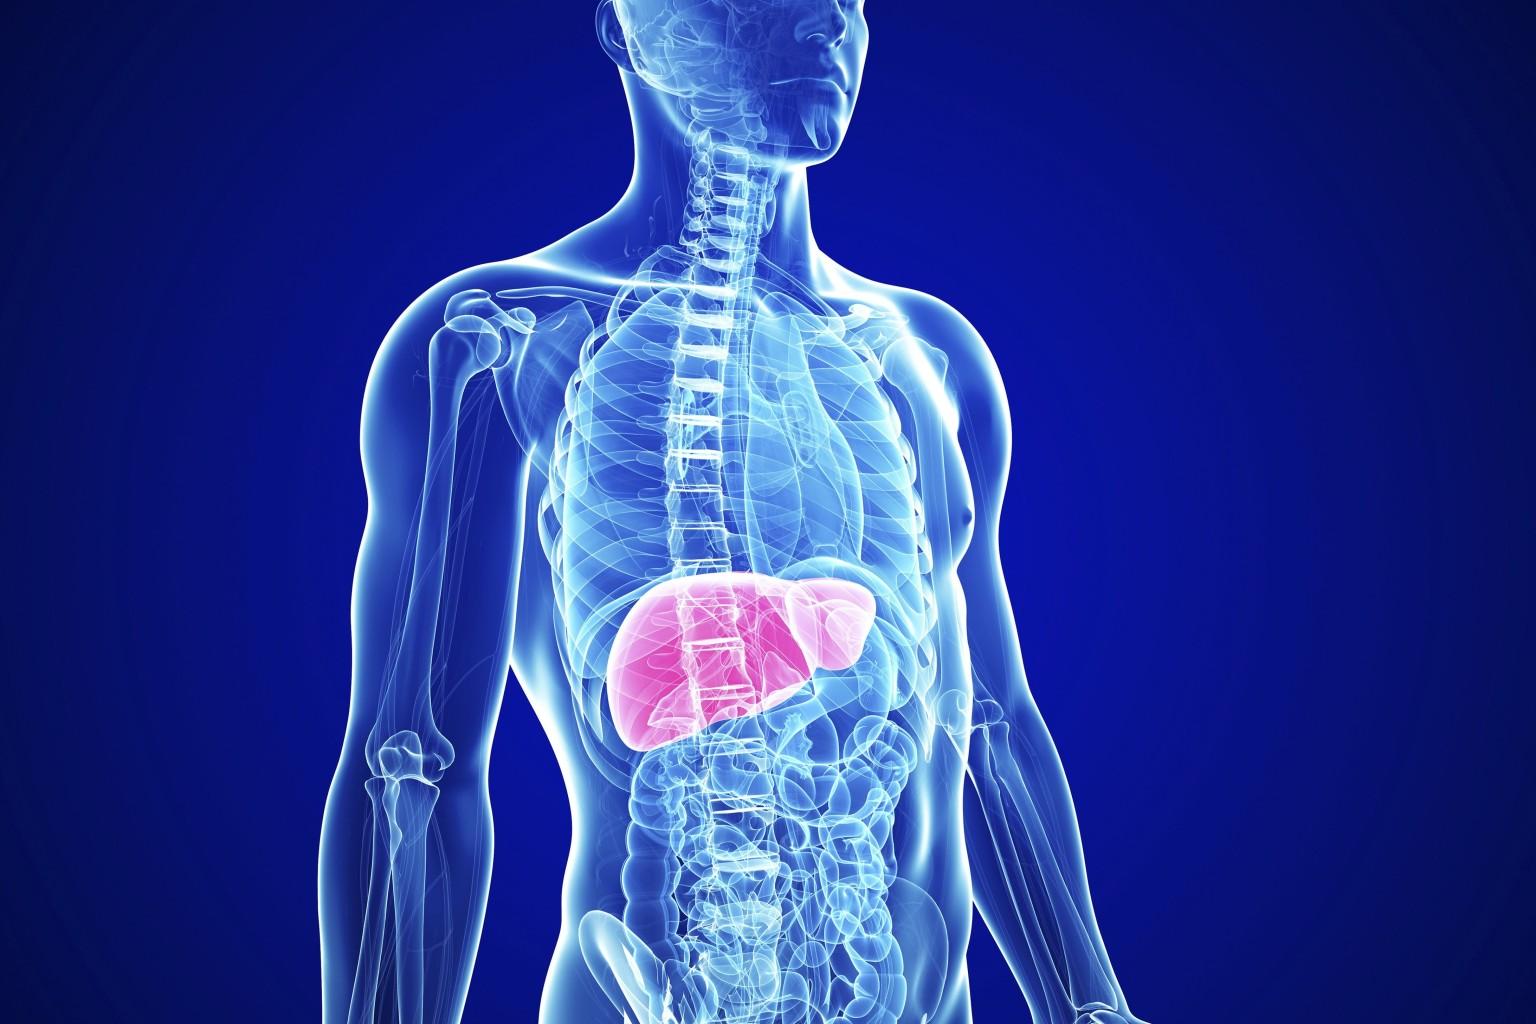 hepatitscirrosis